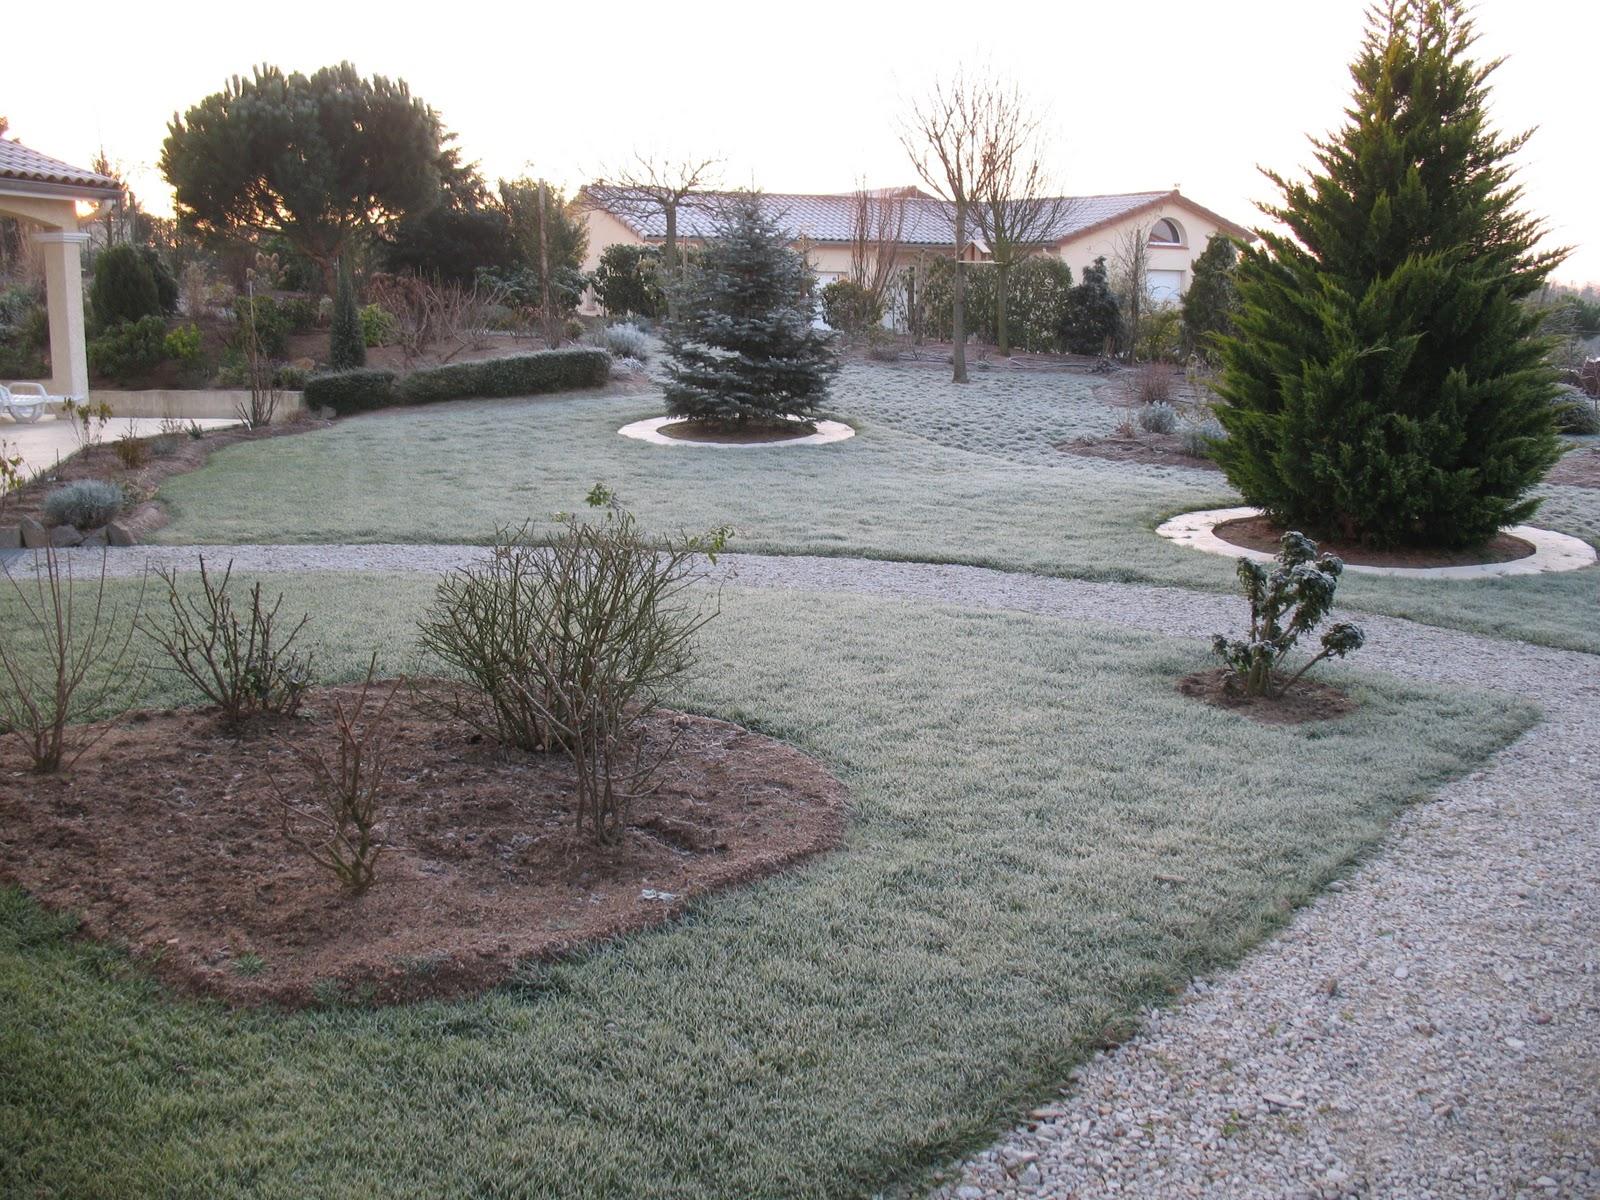 Roses du jardin ch neland le jardin en janvier - Jardin de chen ...